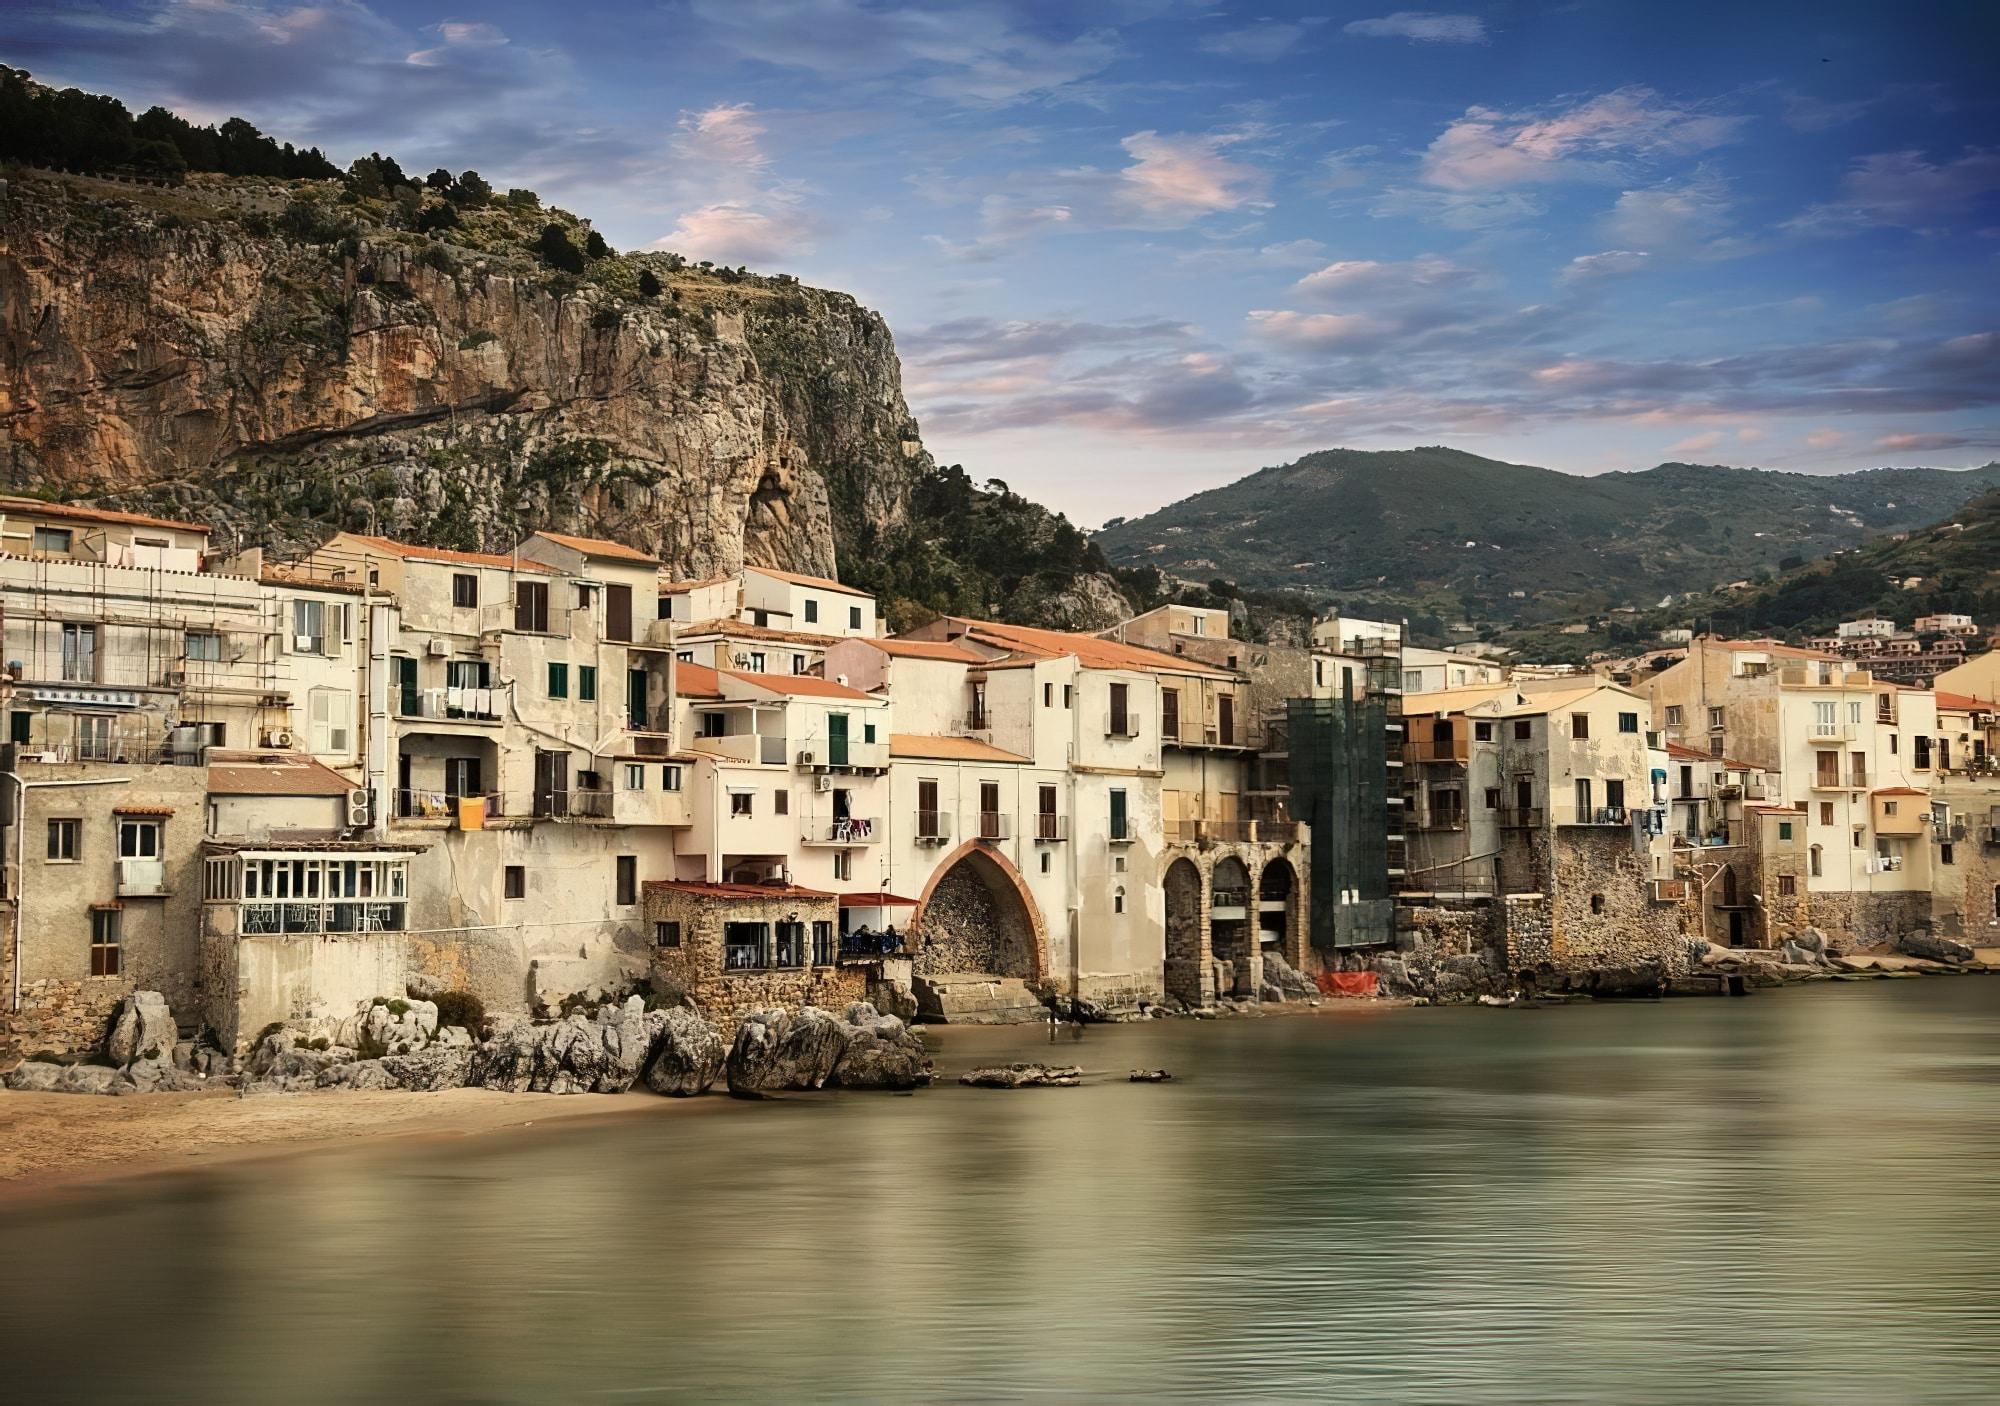 Prendre le ferry pour la Sicile depuis Toulon